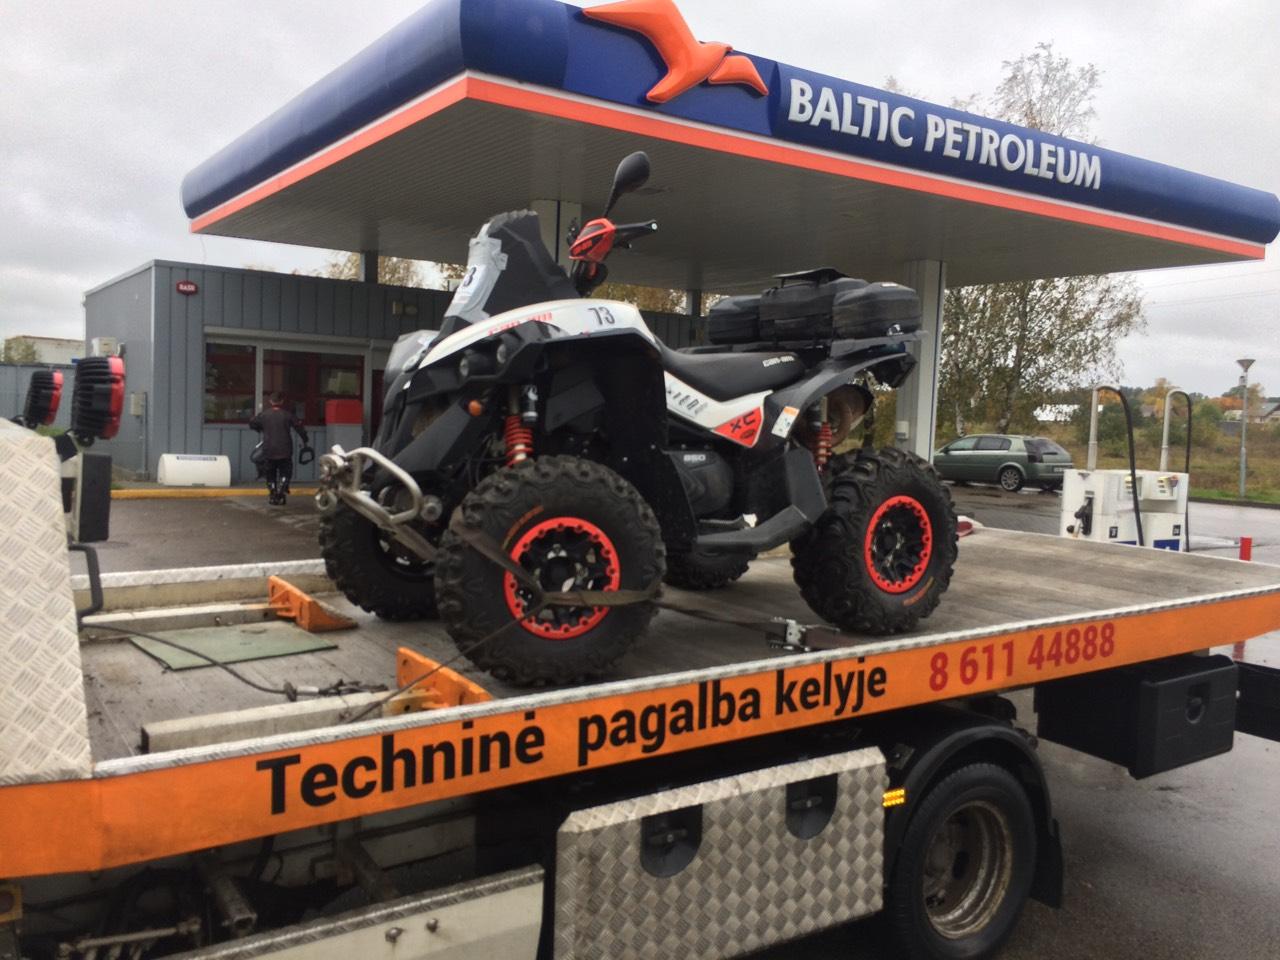 Techninė pagalba kelyje - tralas visą-parą Vilniuje ir visoje Lietuvoje